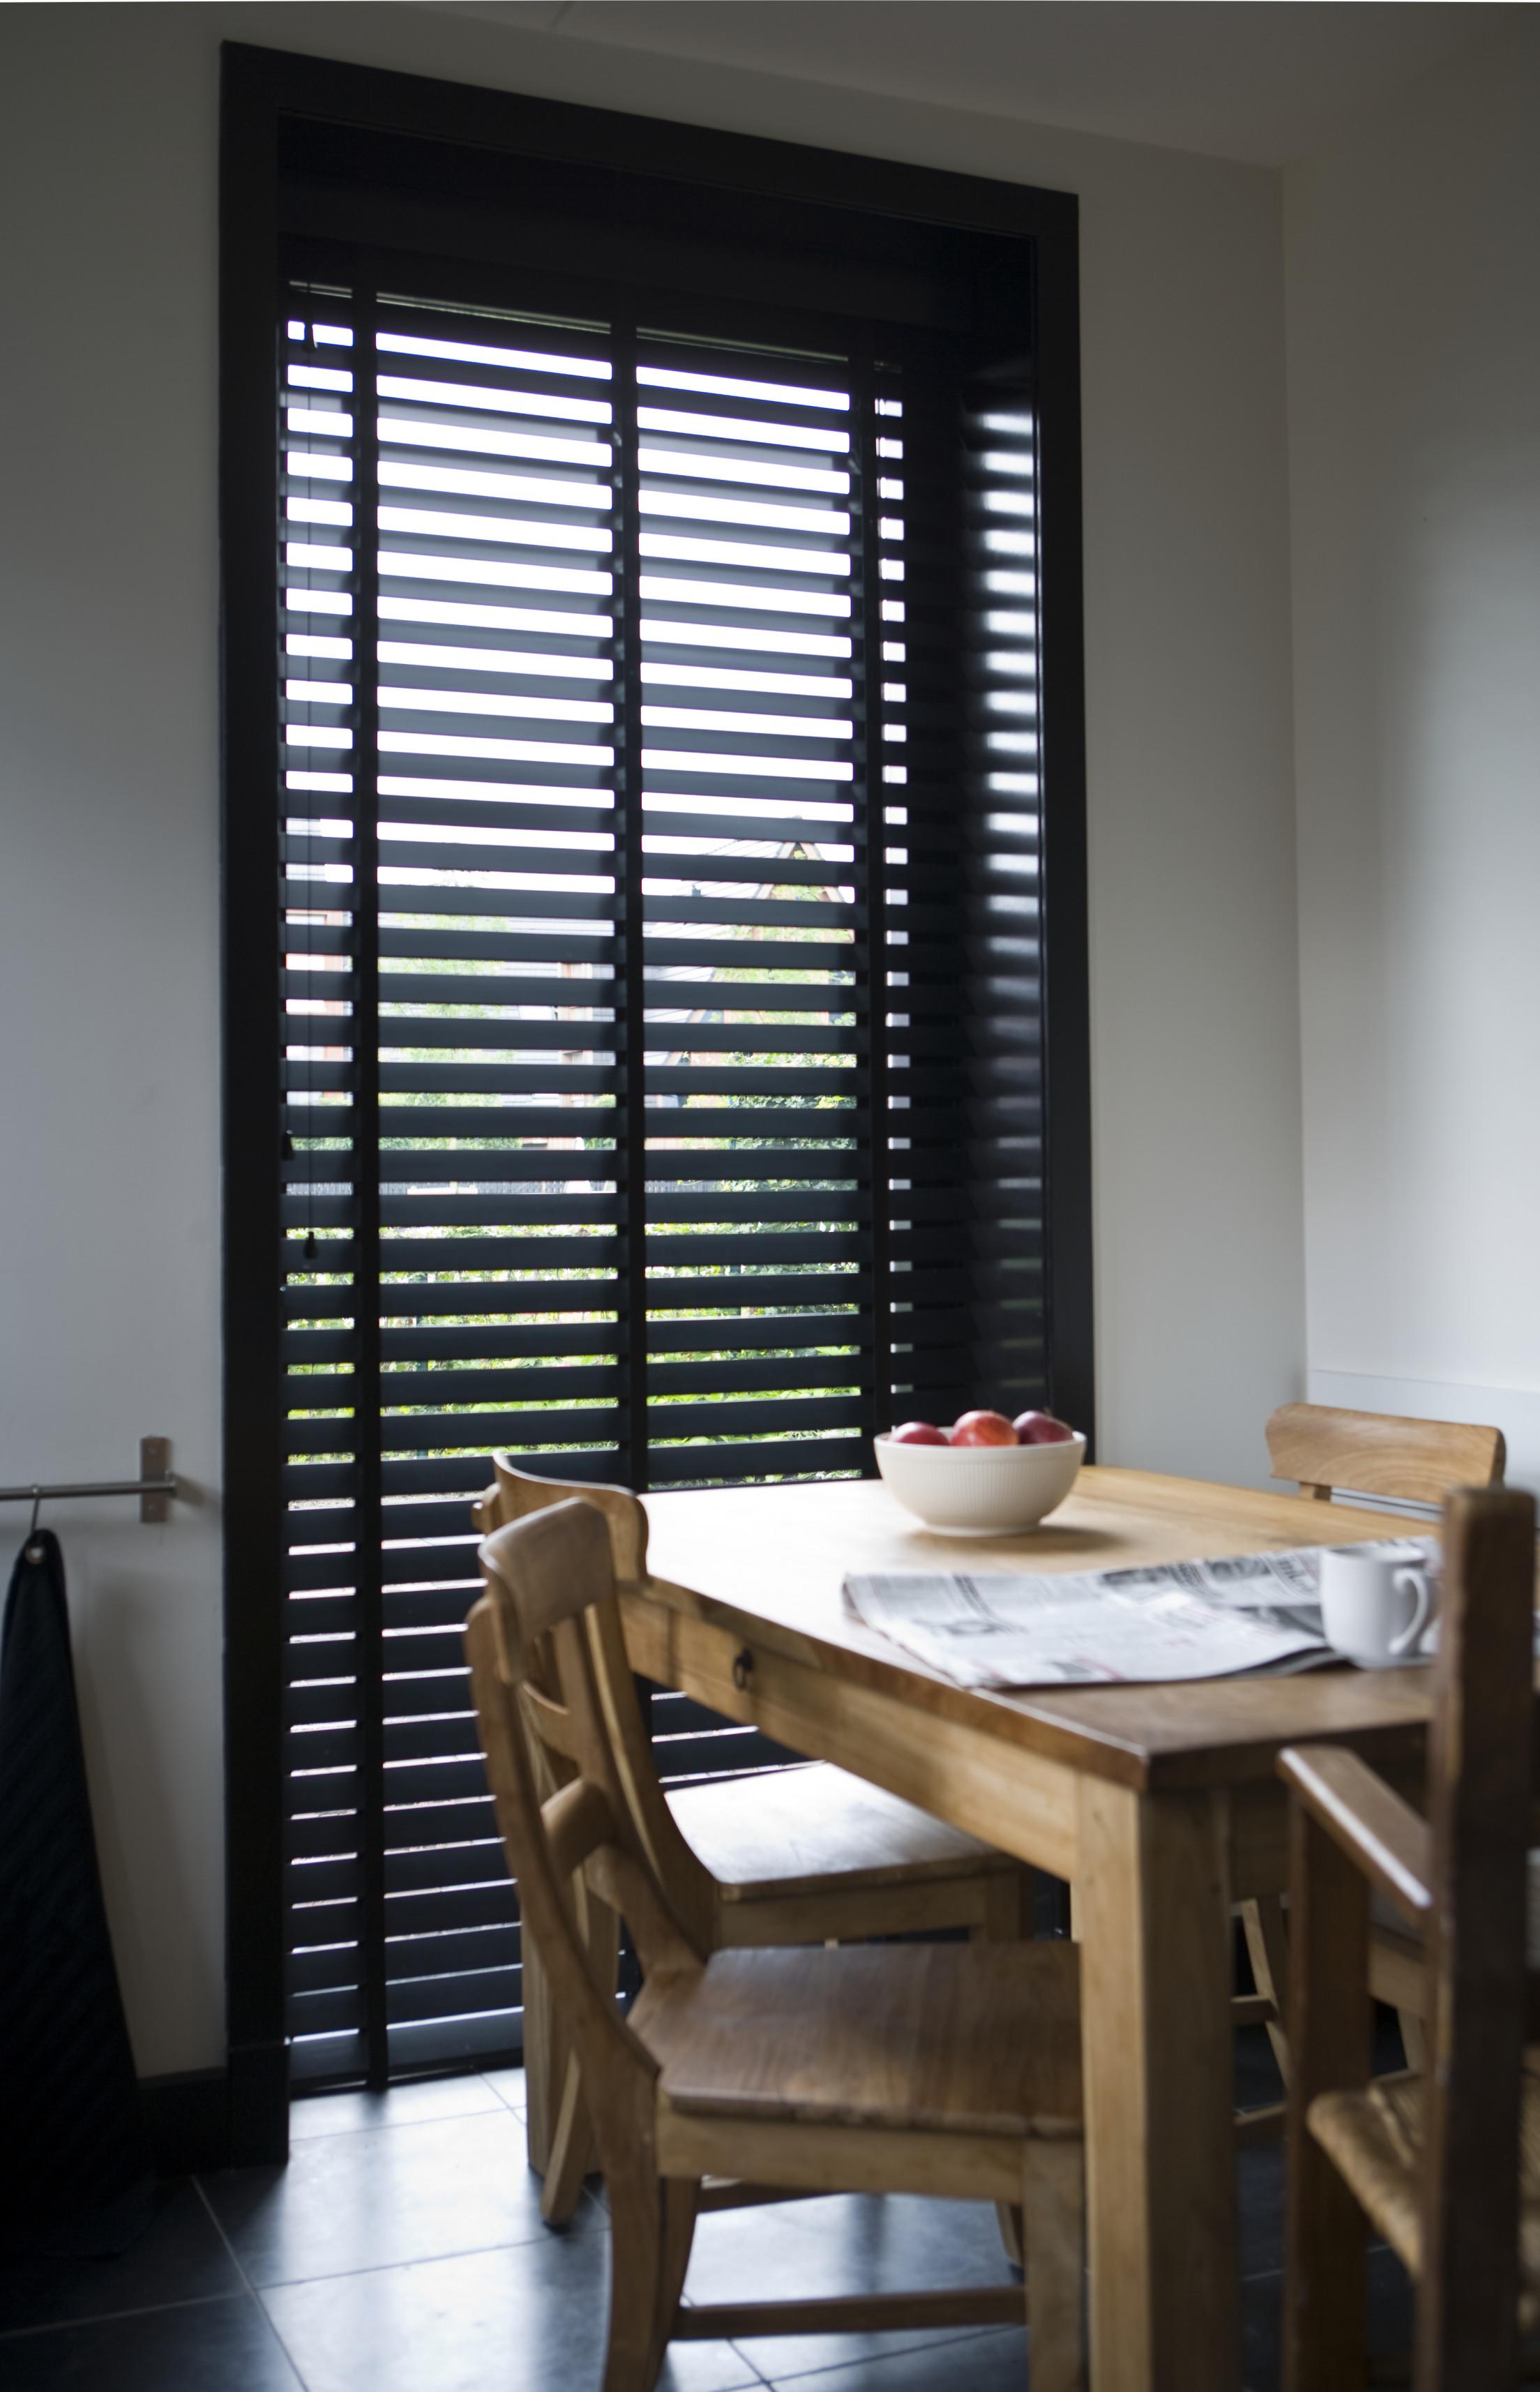 blinds-(2).jpg